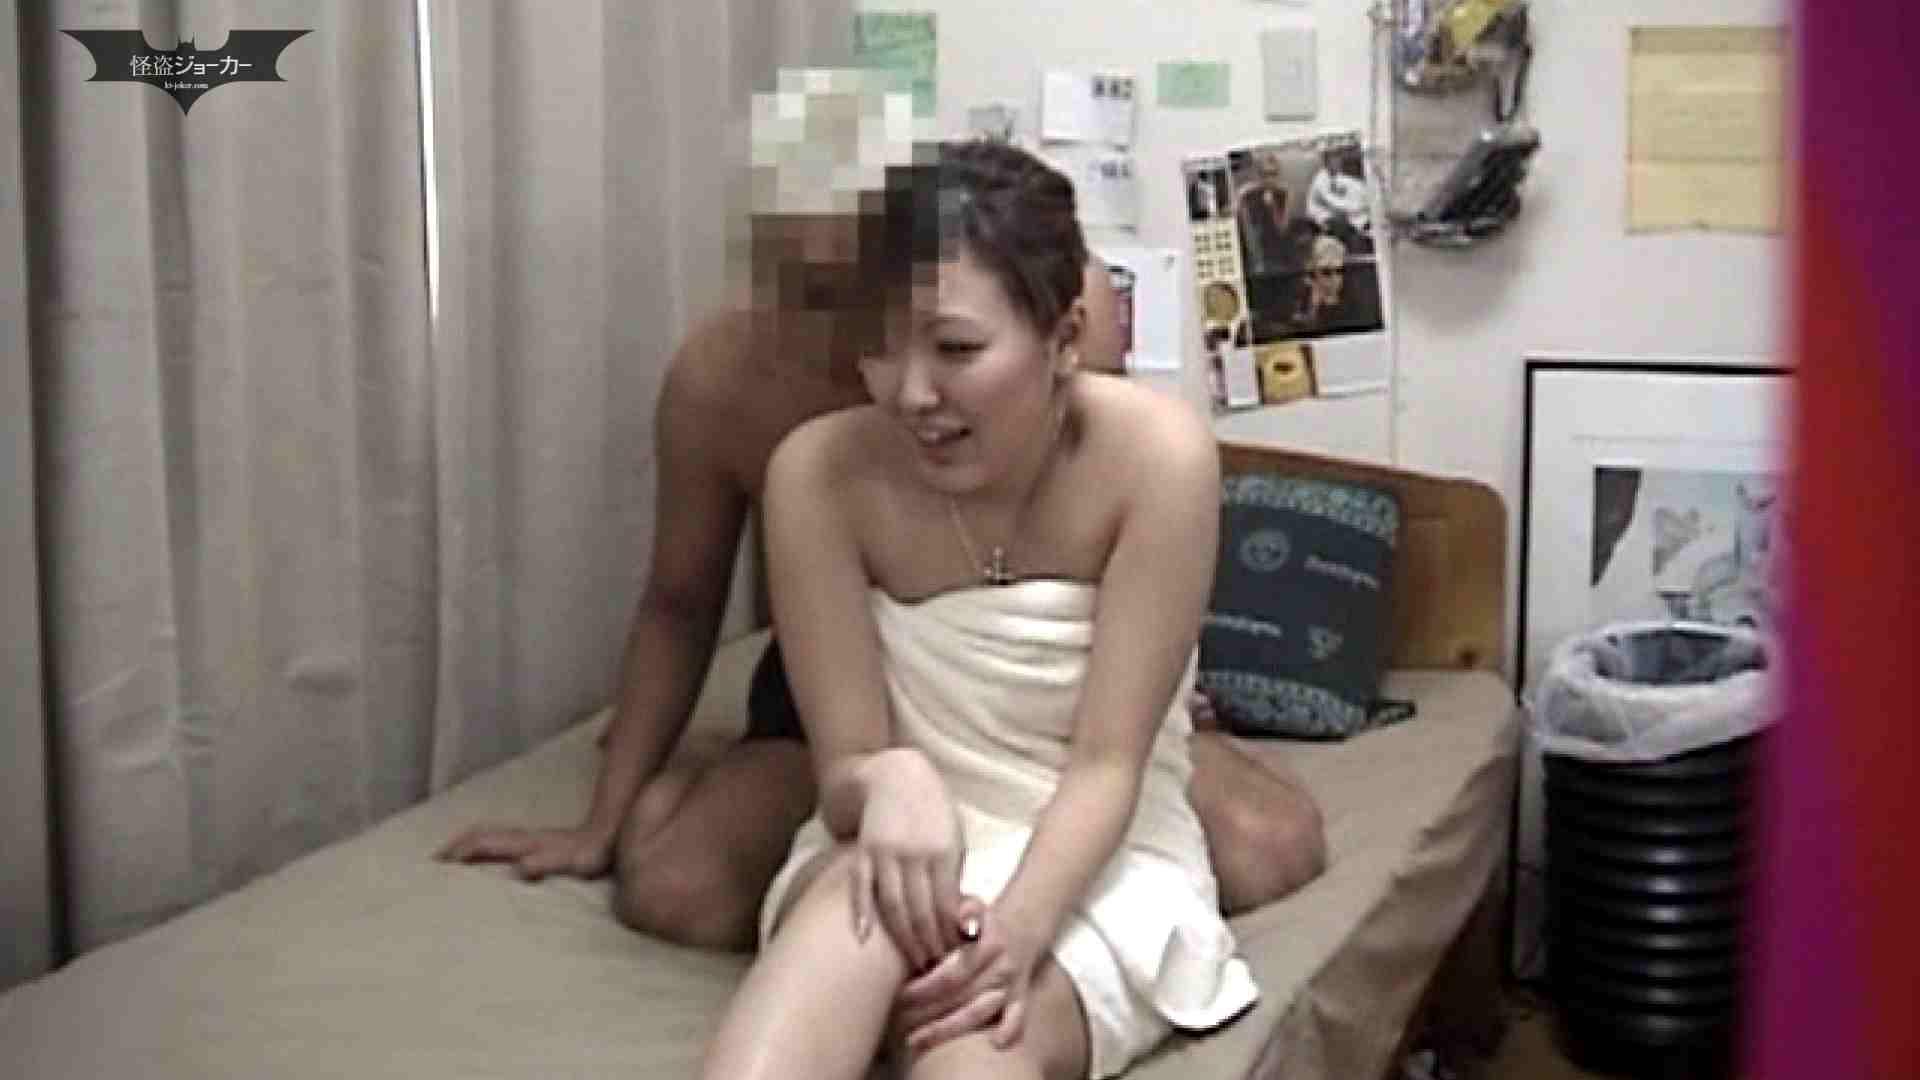 素人女良を部屋に連れ込み隠し撮りSEX!! その⑪ 潮吹き娘 りん SEX スケベ動画紹介 85枚 29